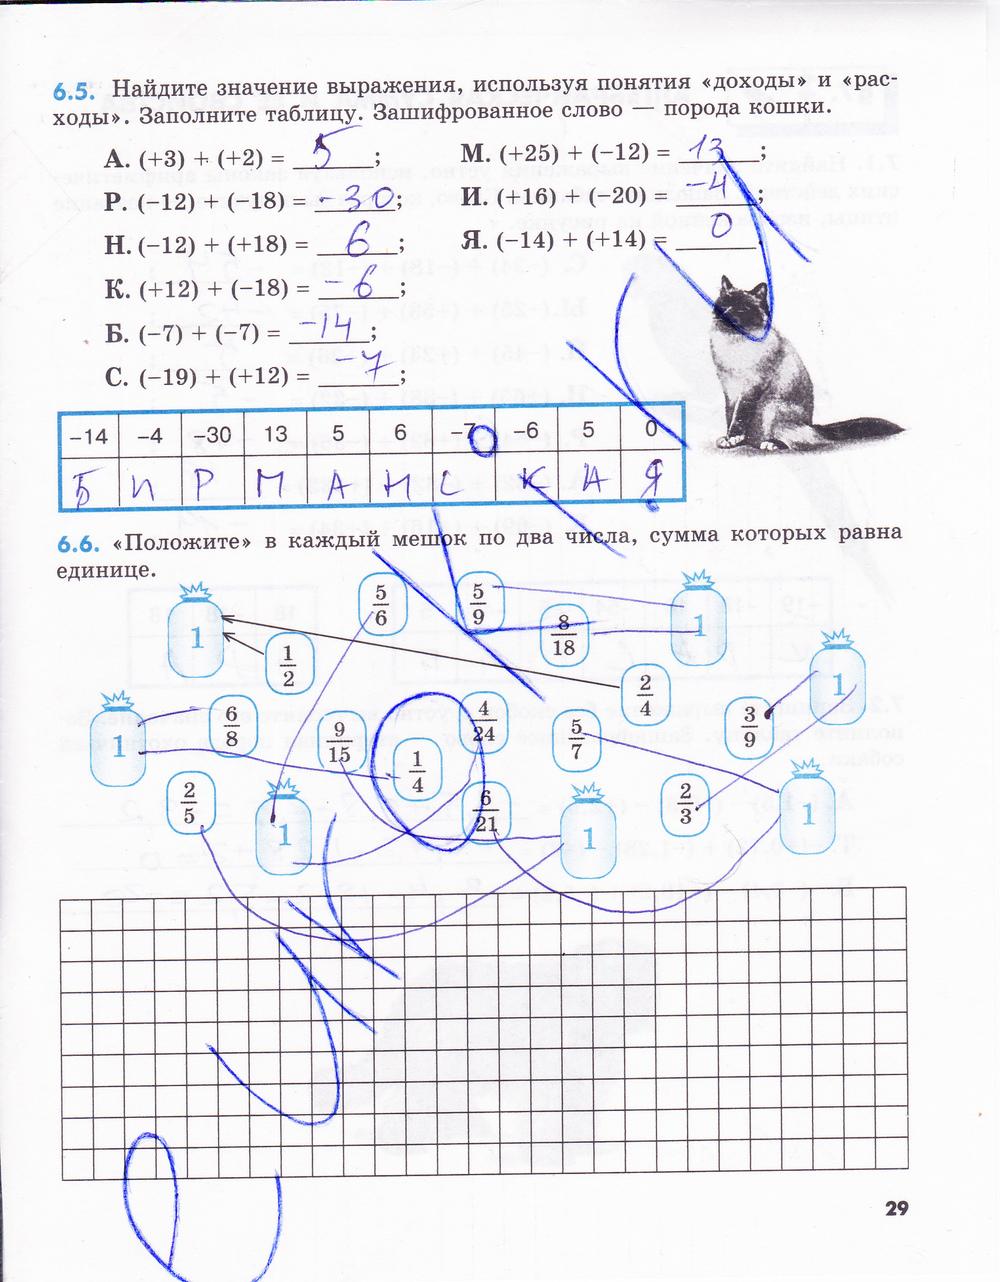 Гдз По Математике 6 Класс Зубарева Рабочая Тетрадь Номер 1